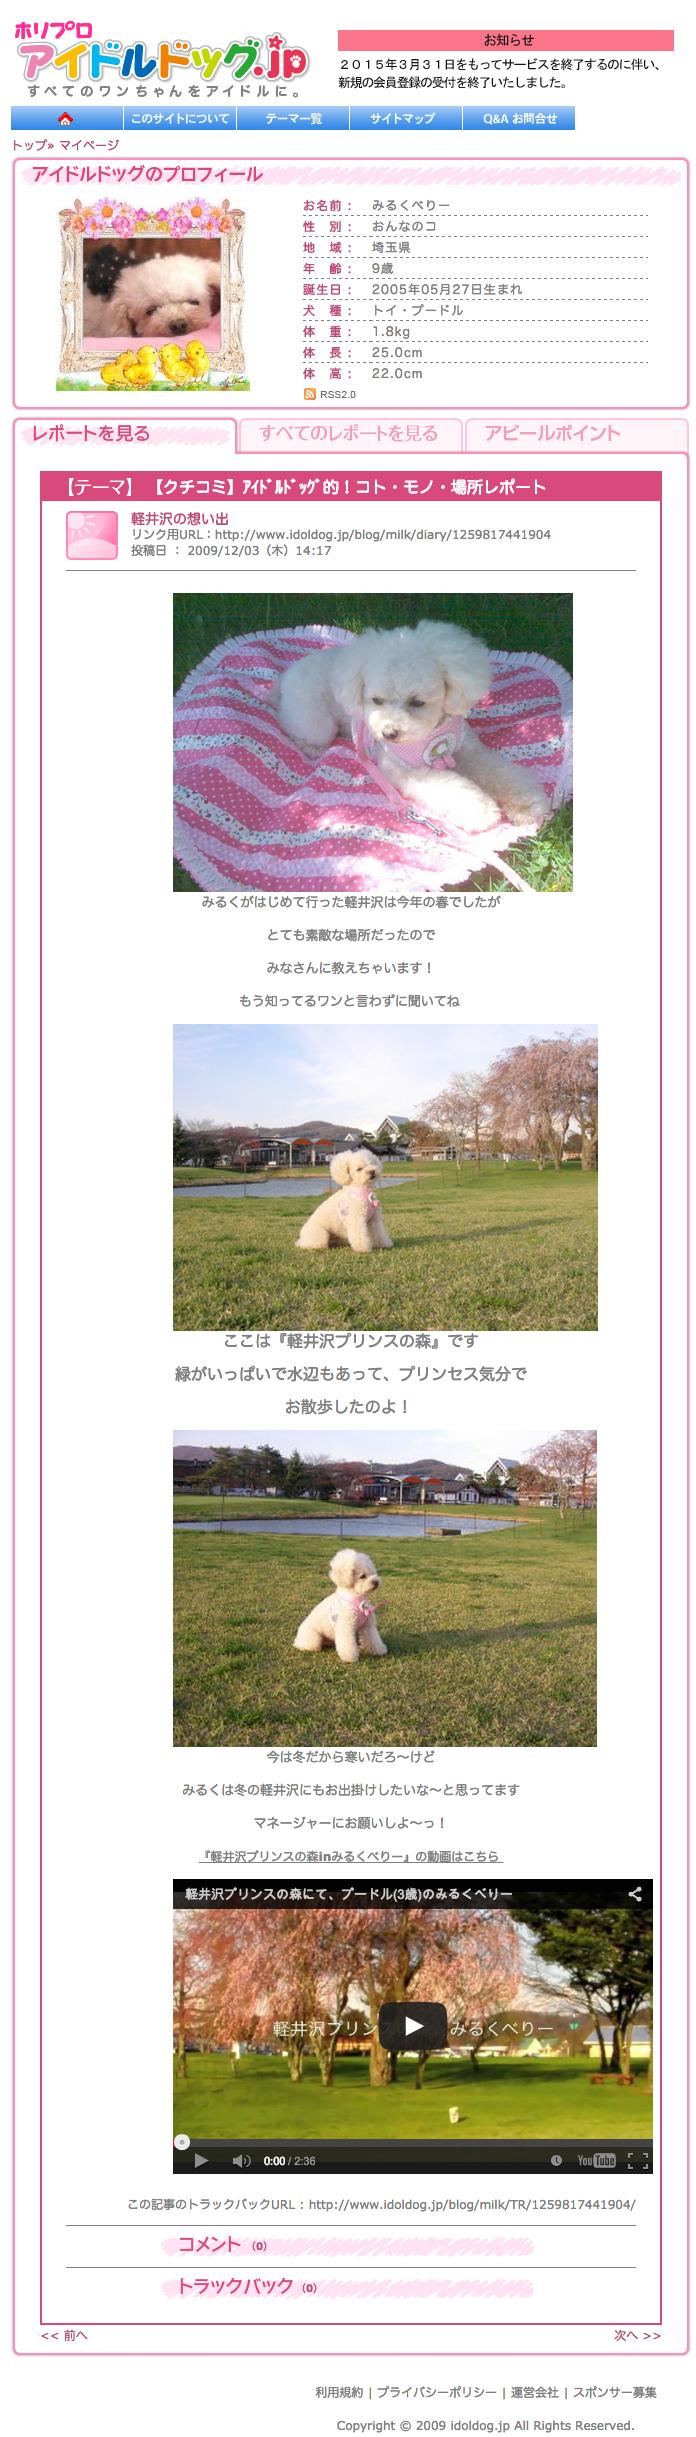 軽井沢の想い出